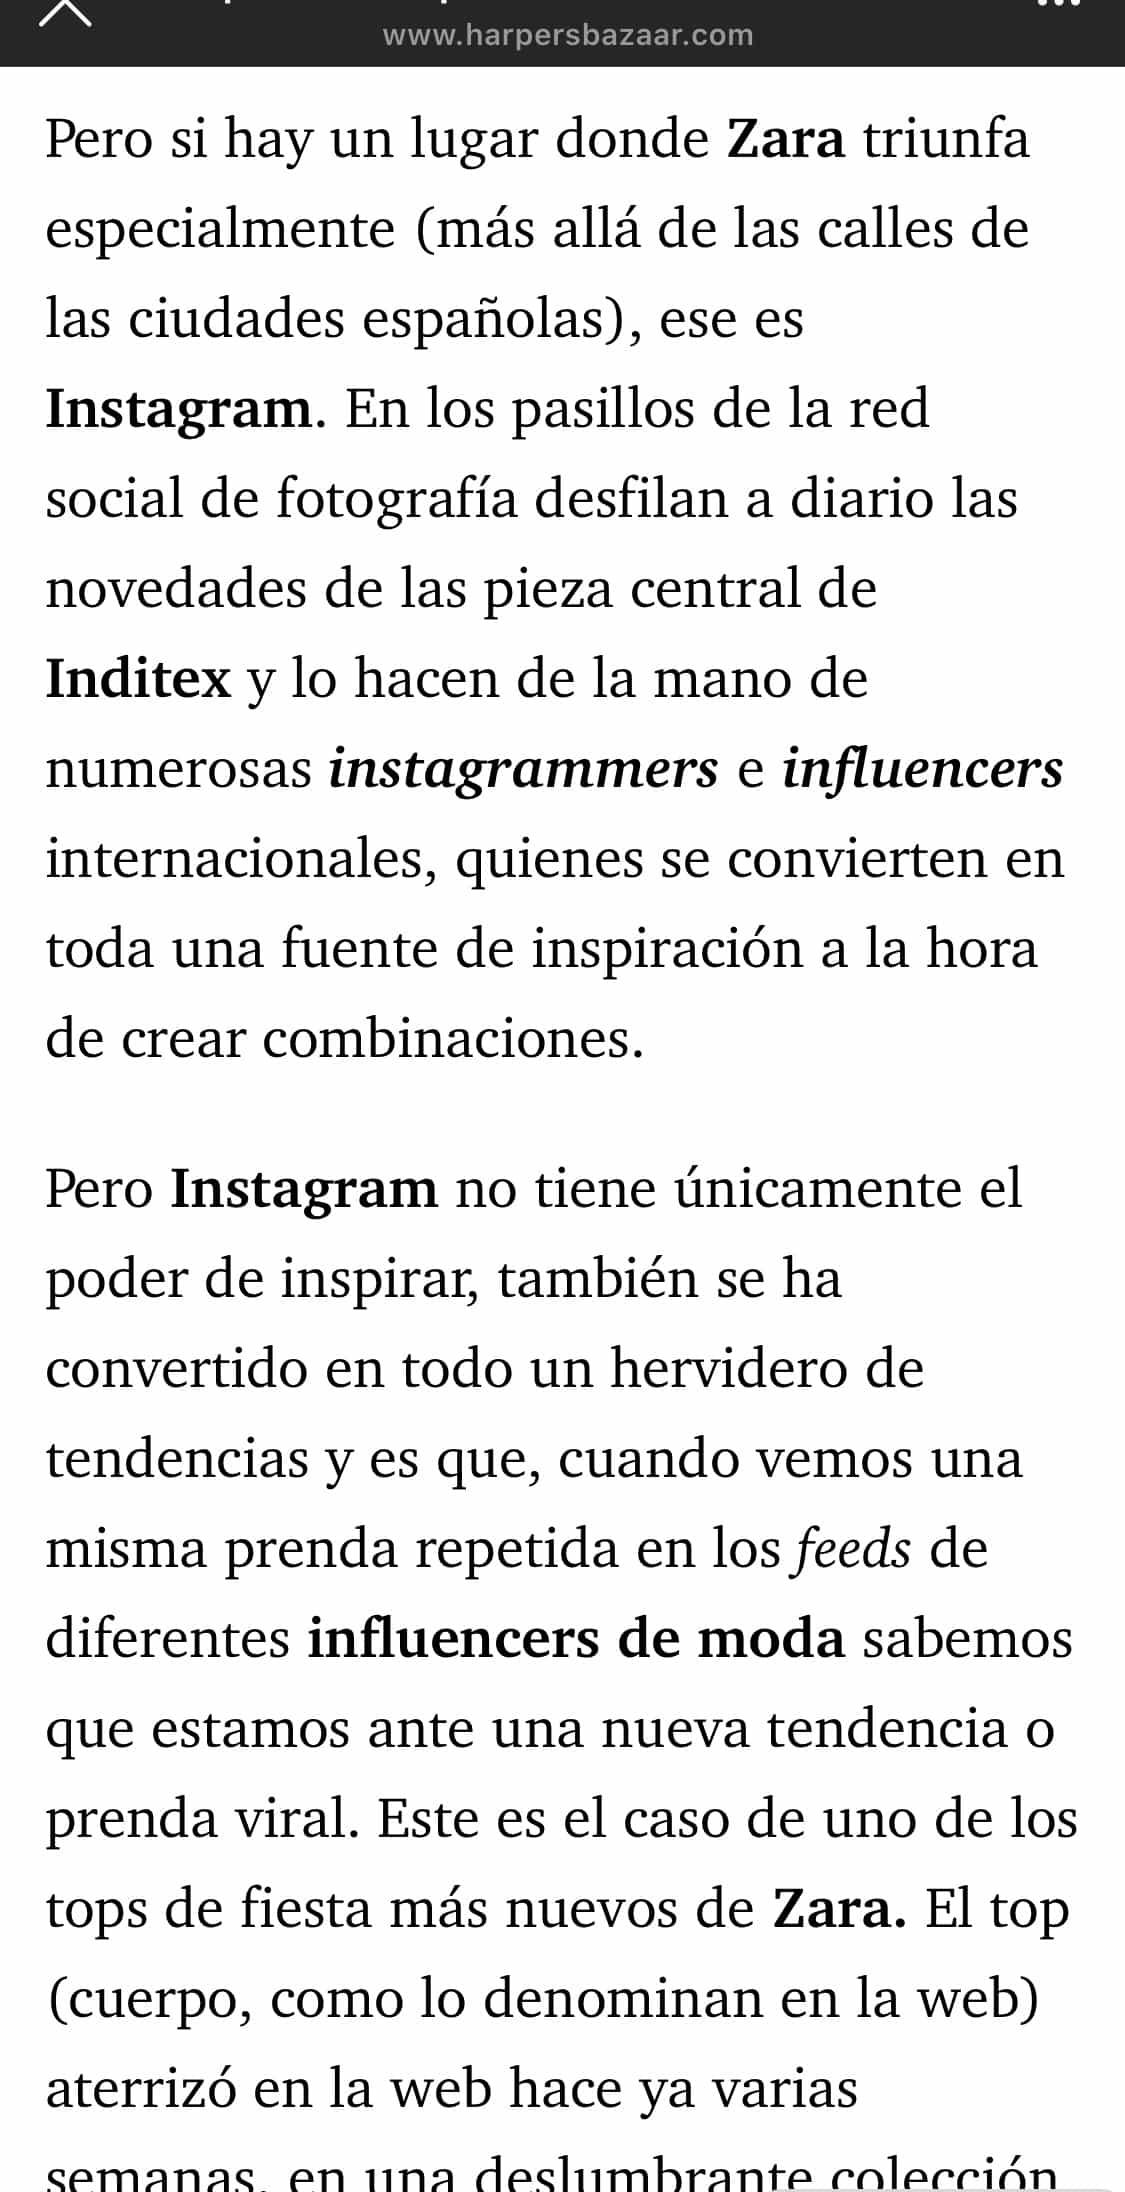 Harper's Bazaar3